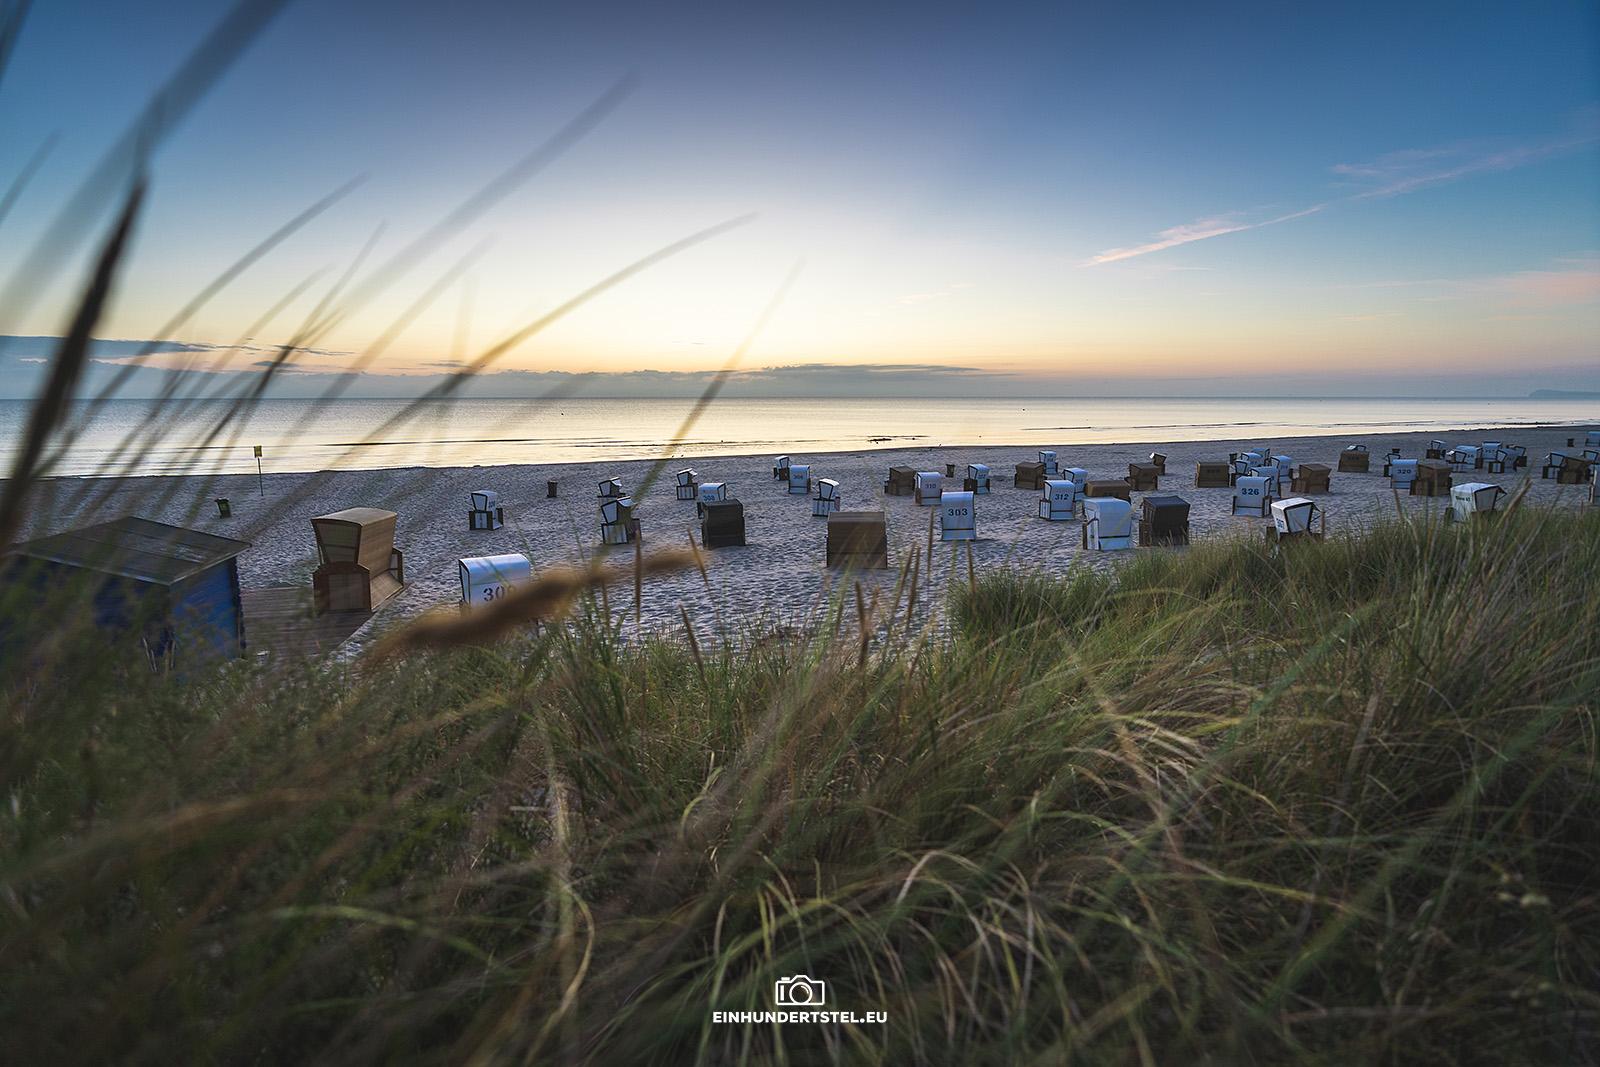 Strandkörbe hinter den Dünen bei Sonnenaufgang. Im Vordergrund leicht verschwommen Dünengras.